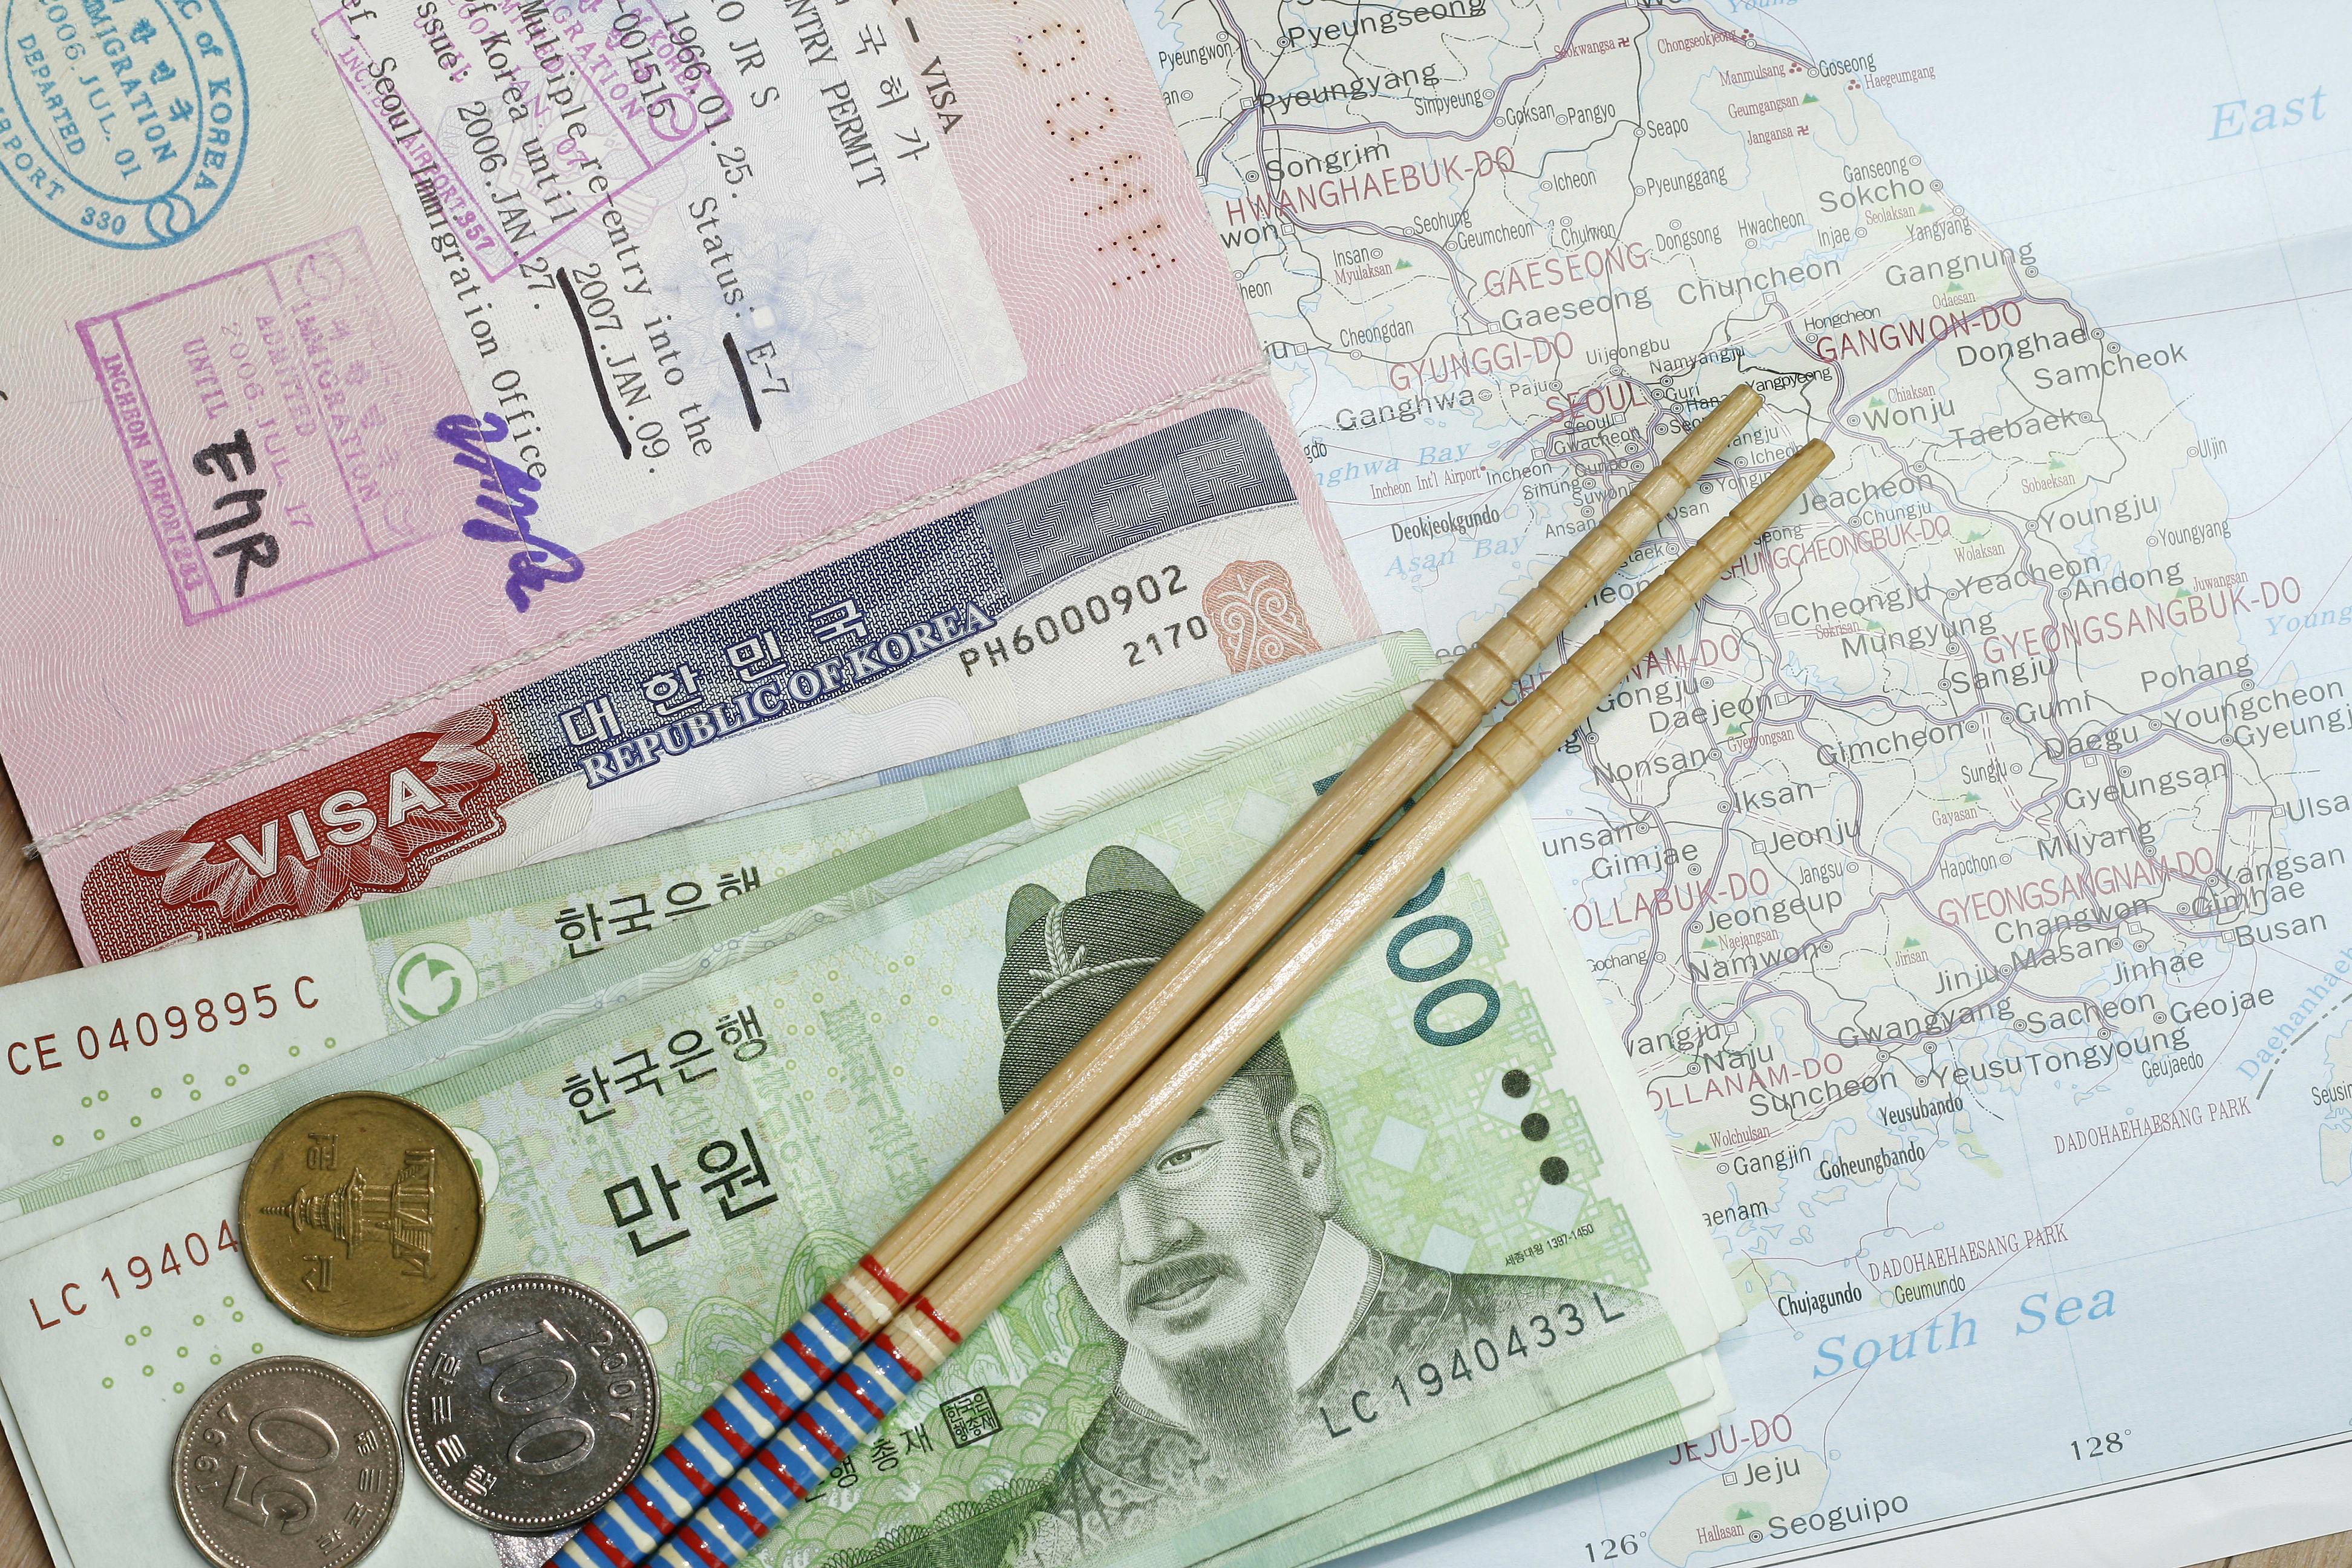 Membuat Visa Korea